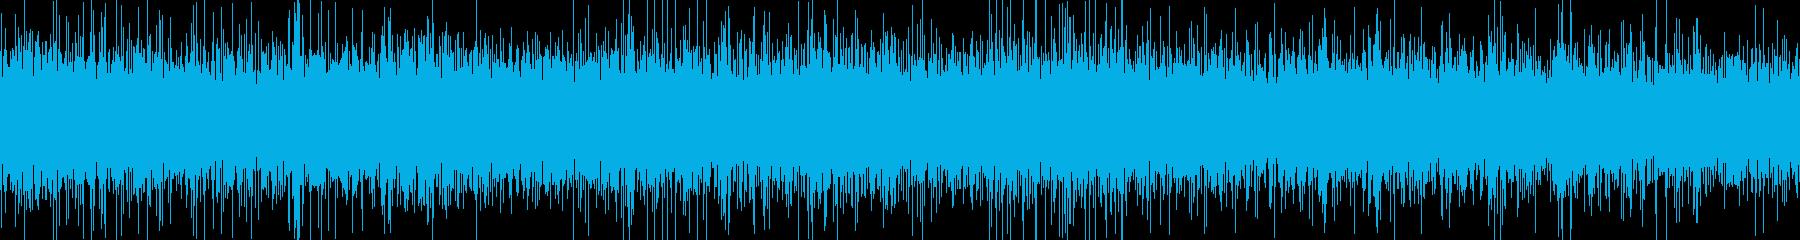 小さな滝(環境音)の再生済みの波形